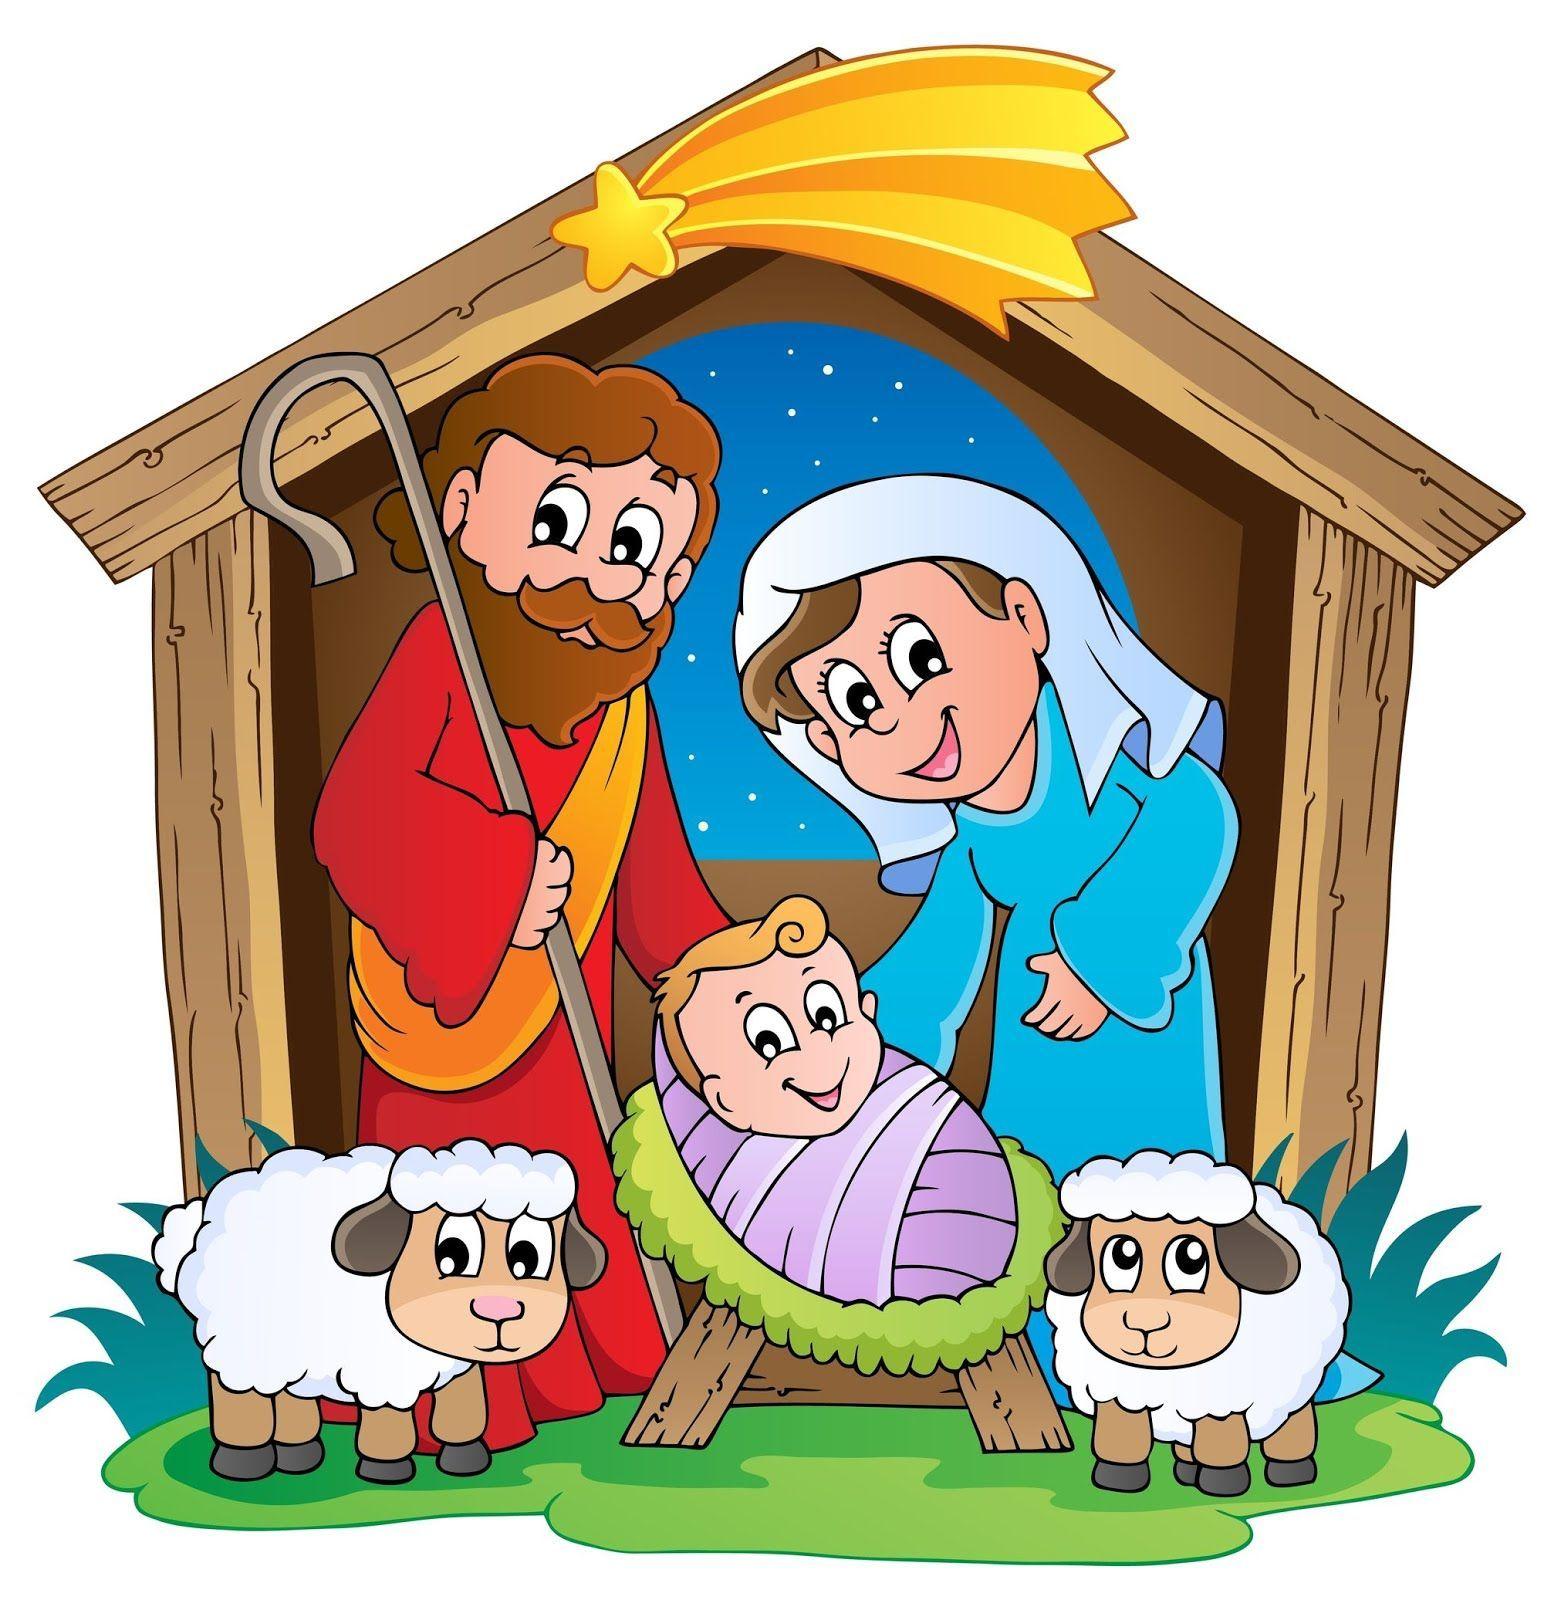 Pin De Ipc Copias En Ipc Copias Dibujos De Navidad Dibujo De Navidad Imagenes De Pesebres Navidenos